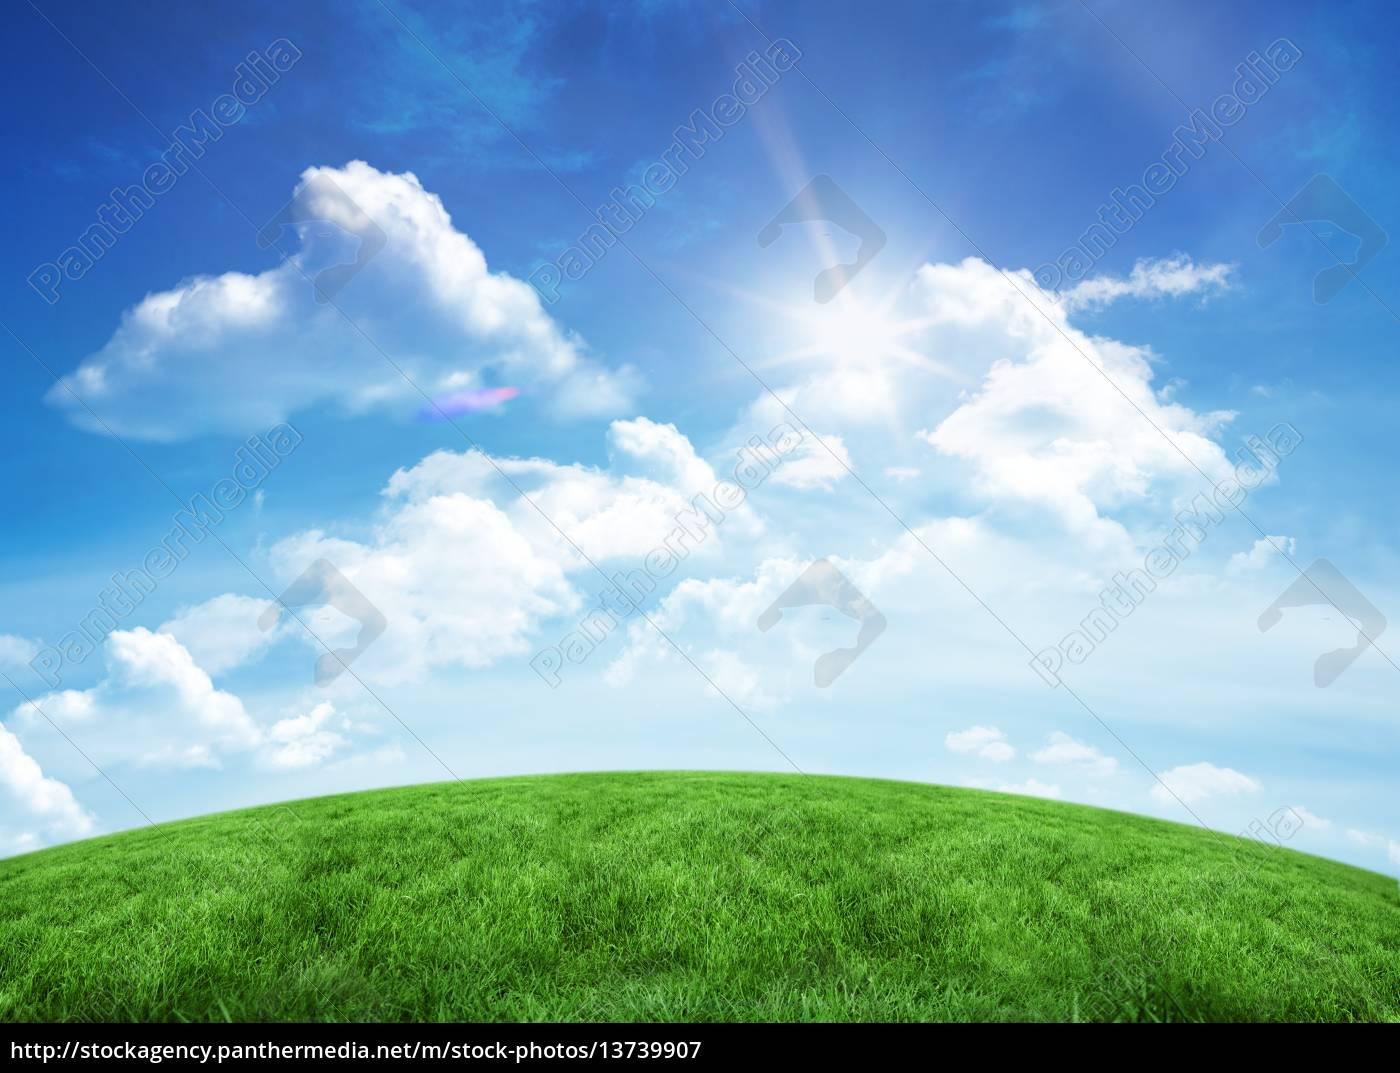 green, hill, under, blue, sky - 13739907